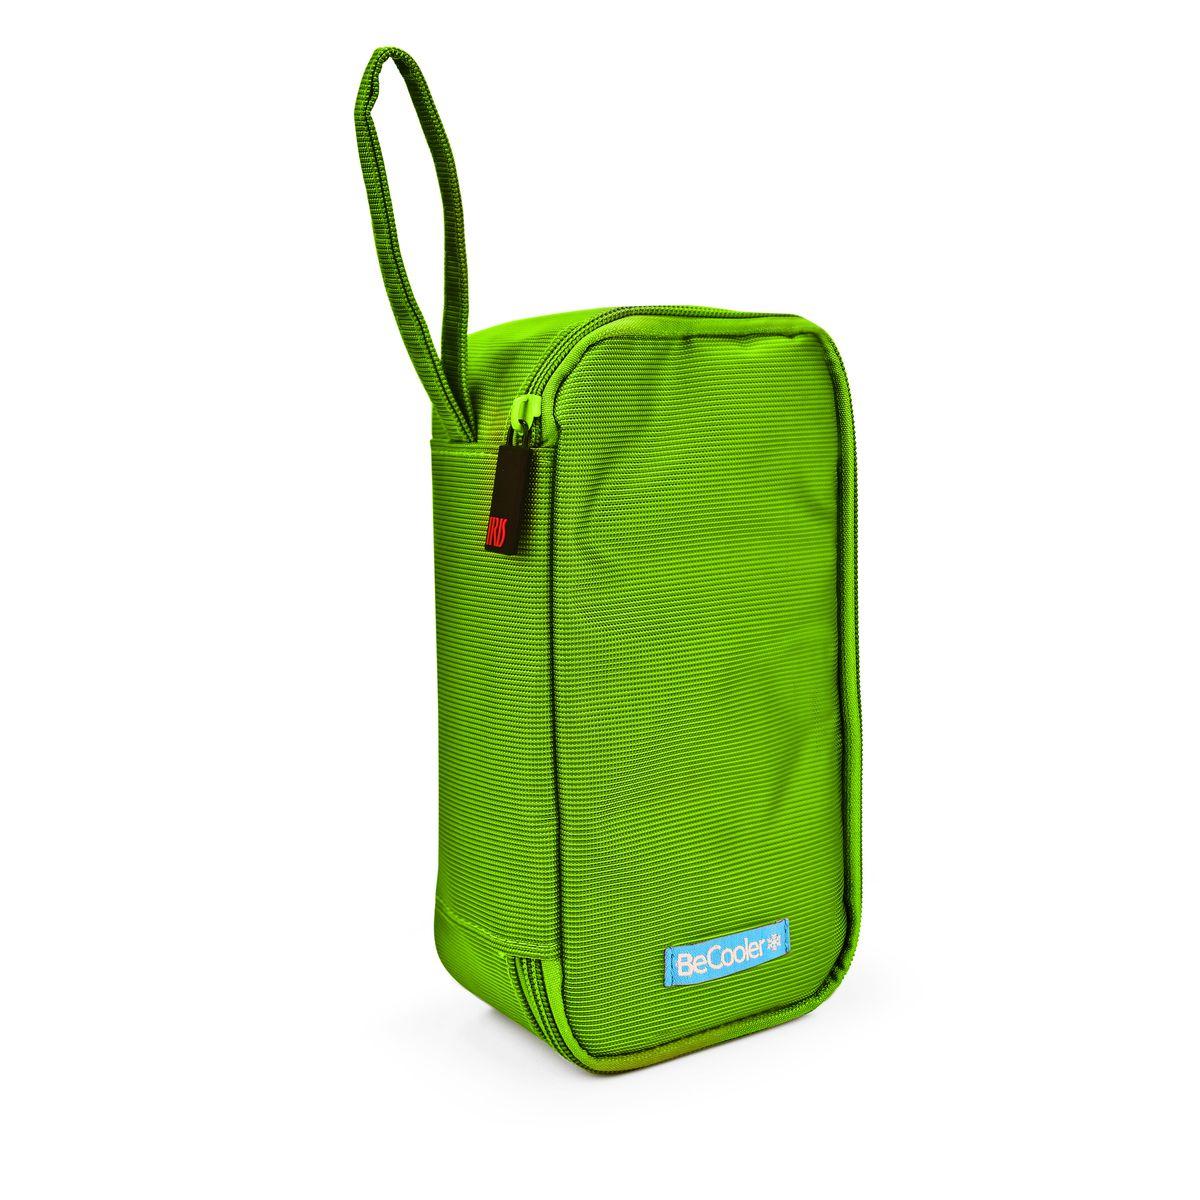 Термосумка для ланч-бокса Iris Nano Cooler. MyLunchbag, цвет: зеленый,21 x 11 x 7 см4630003364517Термосумка для ланч-бокса Nano Cooler. MyLunchbag отлично сохраняет свежесть и вкус продукта на несколько часов. Она выполнена из полиэстера.Пригодится везде: на прогулке, на работе, учебе и т.д. Она проста в использовании, с ней легко справится даже ребенок.Рекомендуется регулярно стирать вручную в теплой воде с мылом.